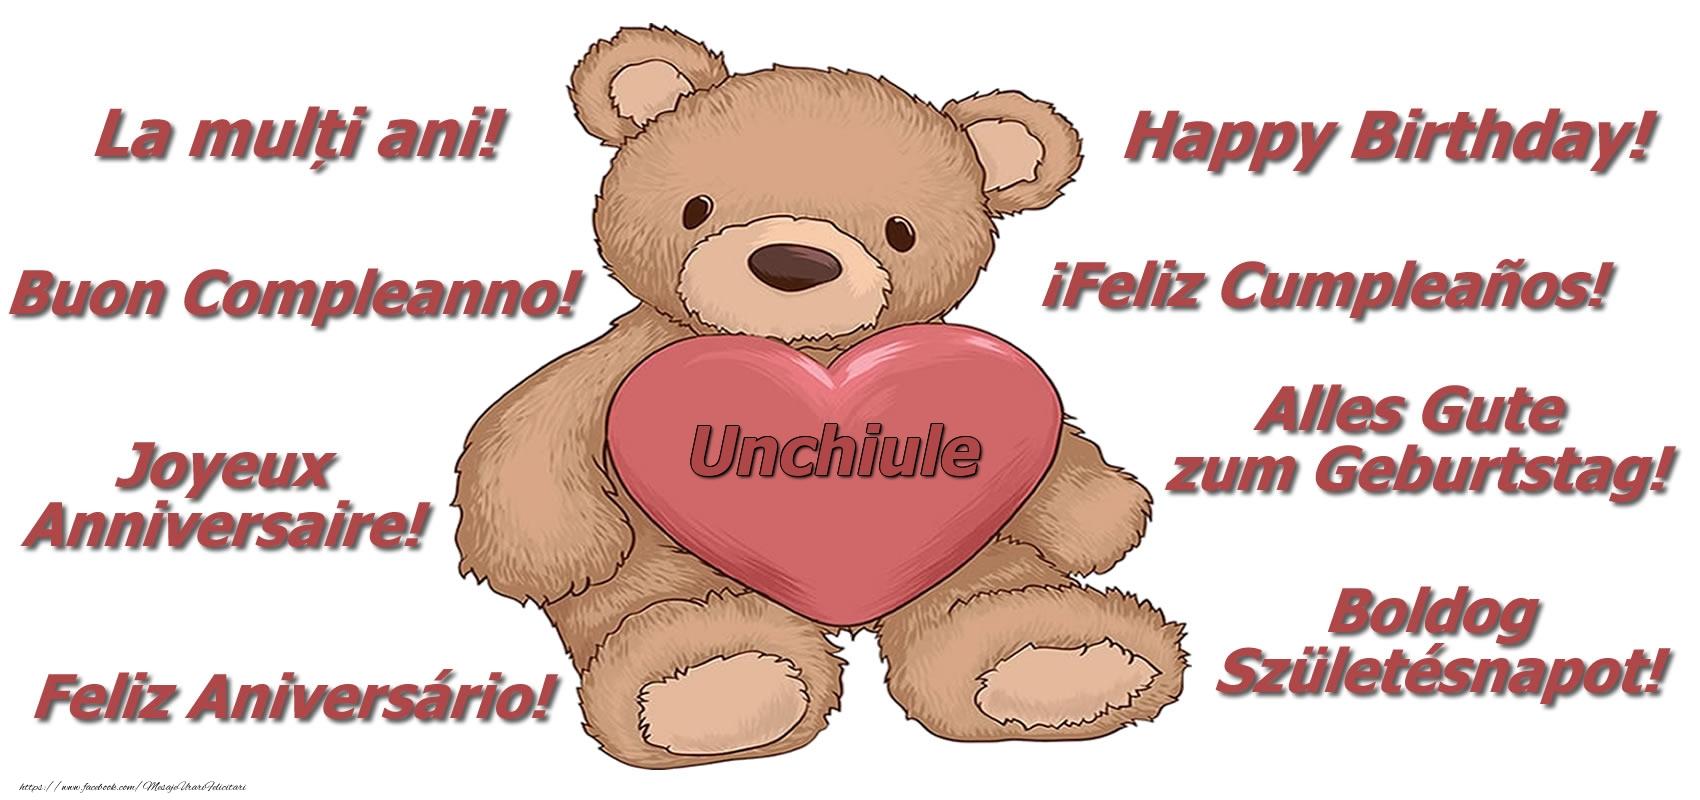 Felicitari frumoase de zi de nastere pentru Unchi   La multi ani unchiule! - Ursulet